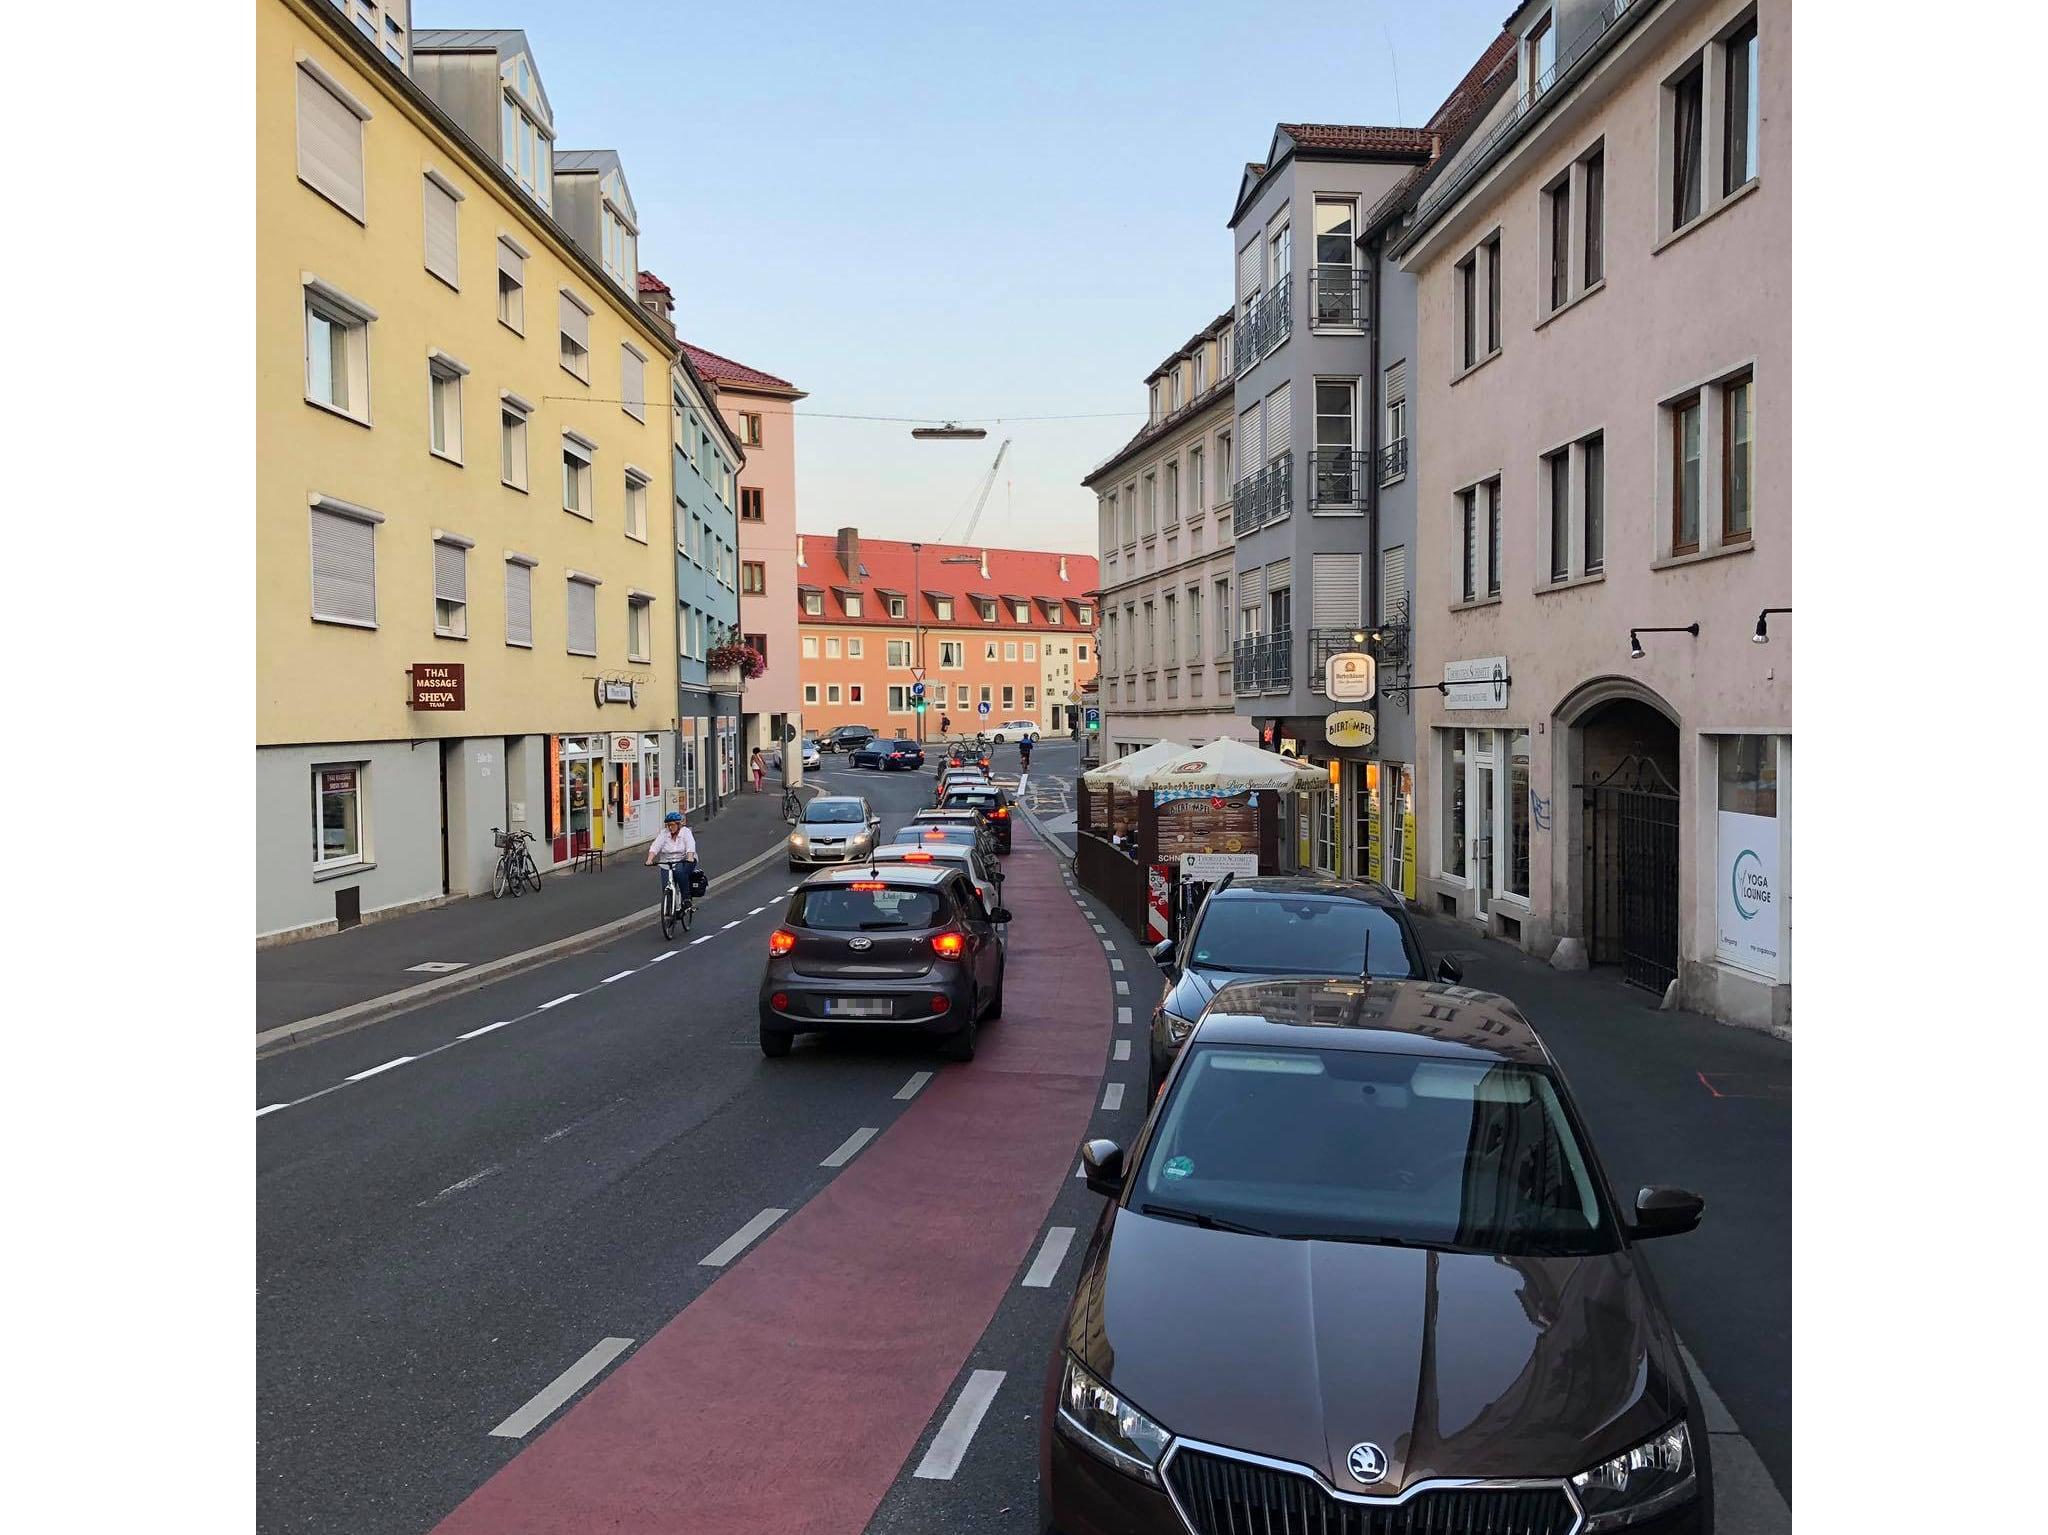 Noch immer ignorieren viele Autofahrer die neue Einbahnregelung in der Zeller Straße. Foto: Würzburg erleben